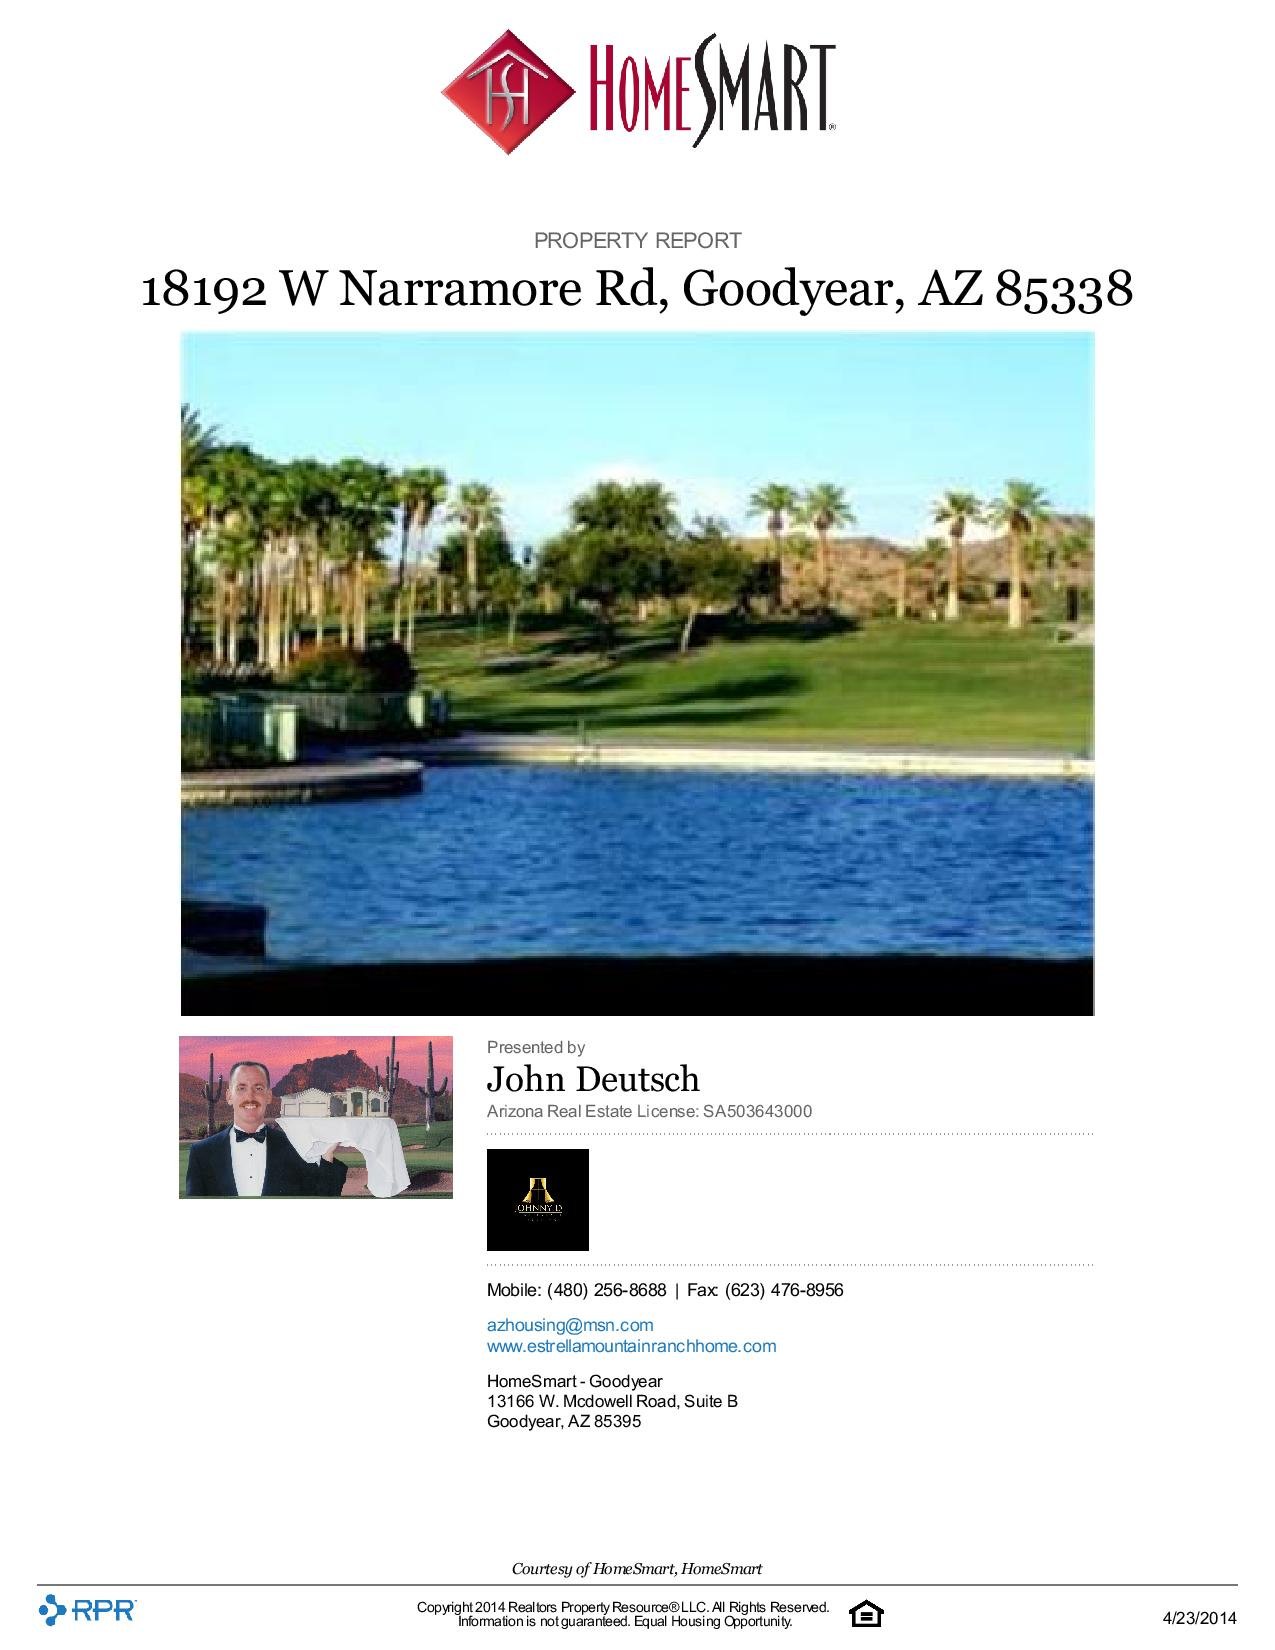 18192-W-Narramore-Rd-Goodyear-AZ-85338-page-001